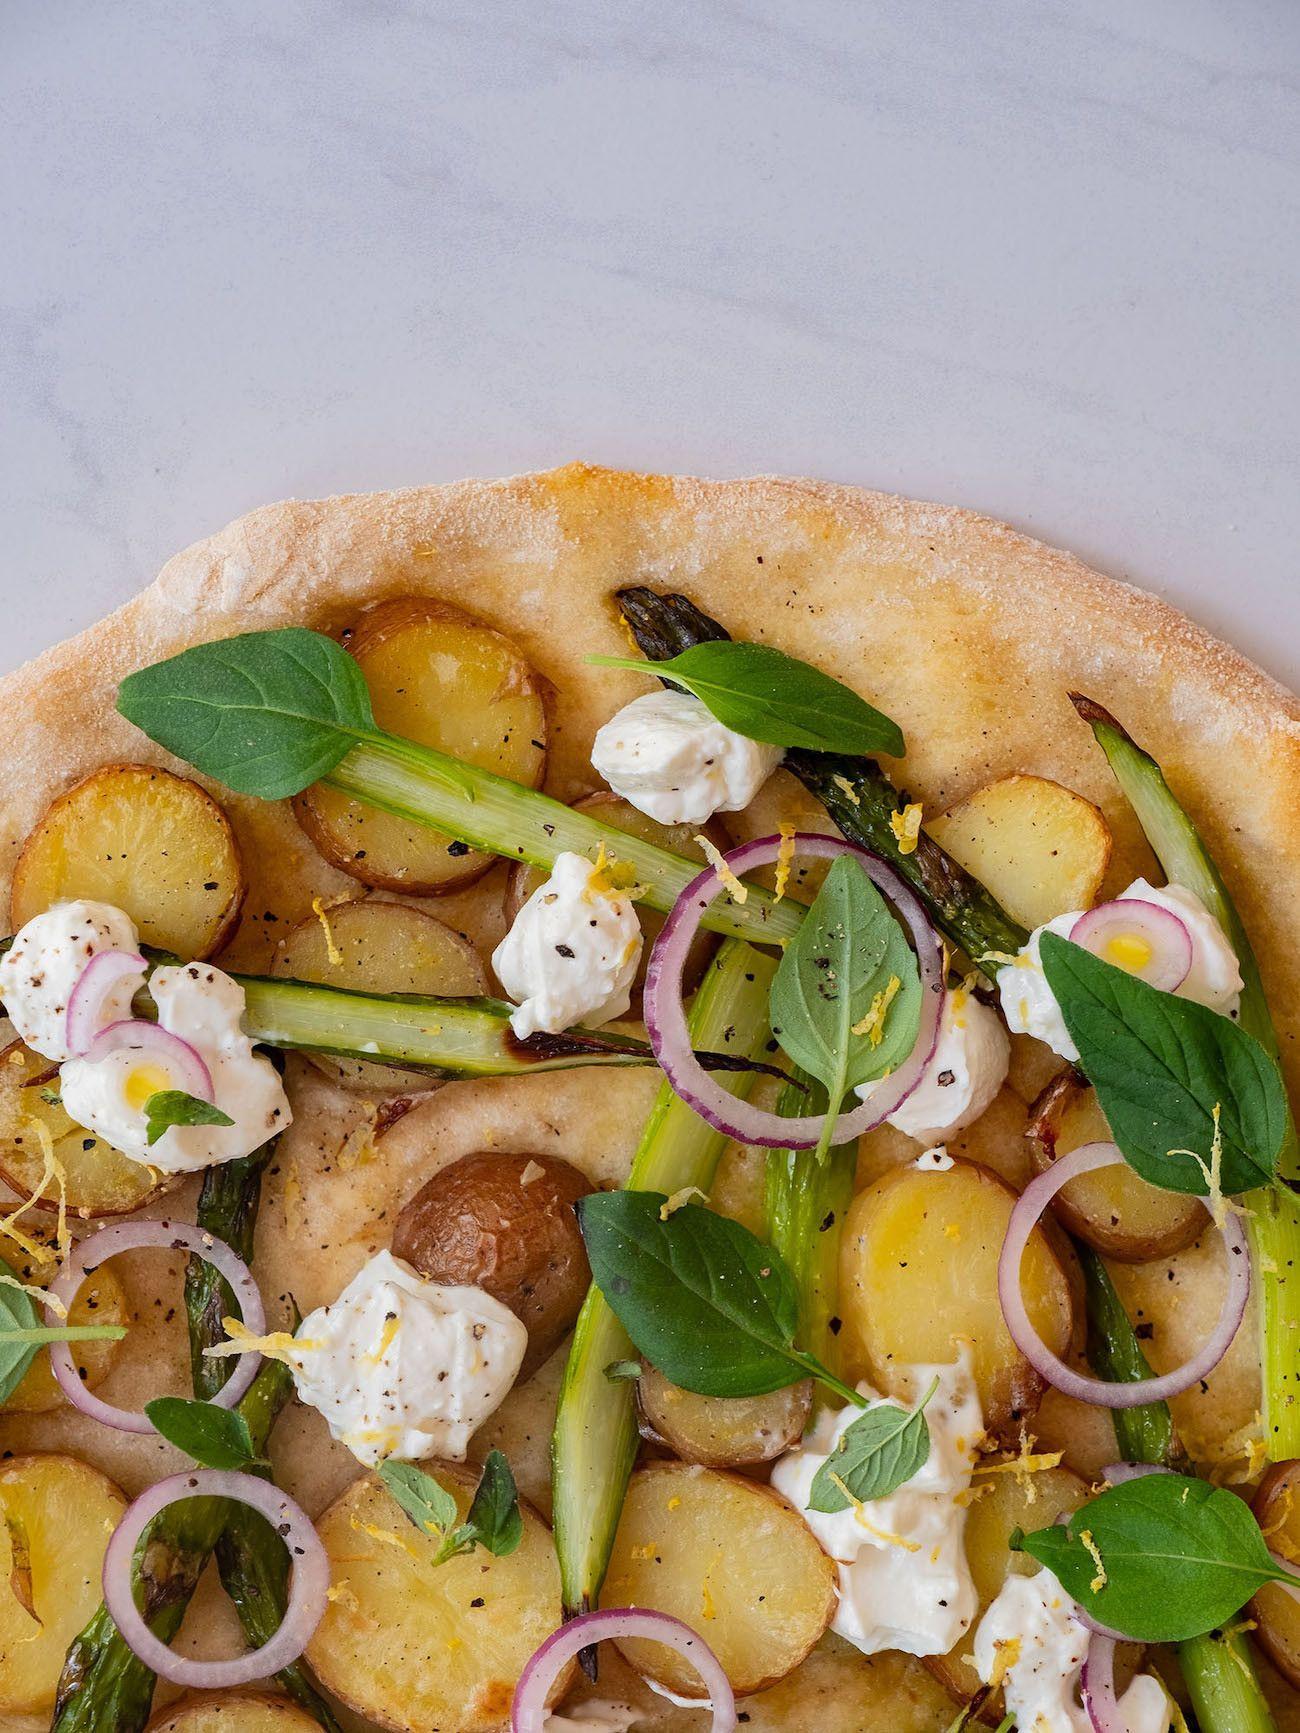 Foodblog About Fuel, Rezept Frühlingspizza mit grünerm Spargel, Frühkartoffeln und Ricotta, Oregano, Pfeffer, rote Zwiebel